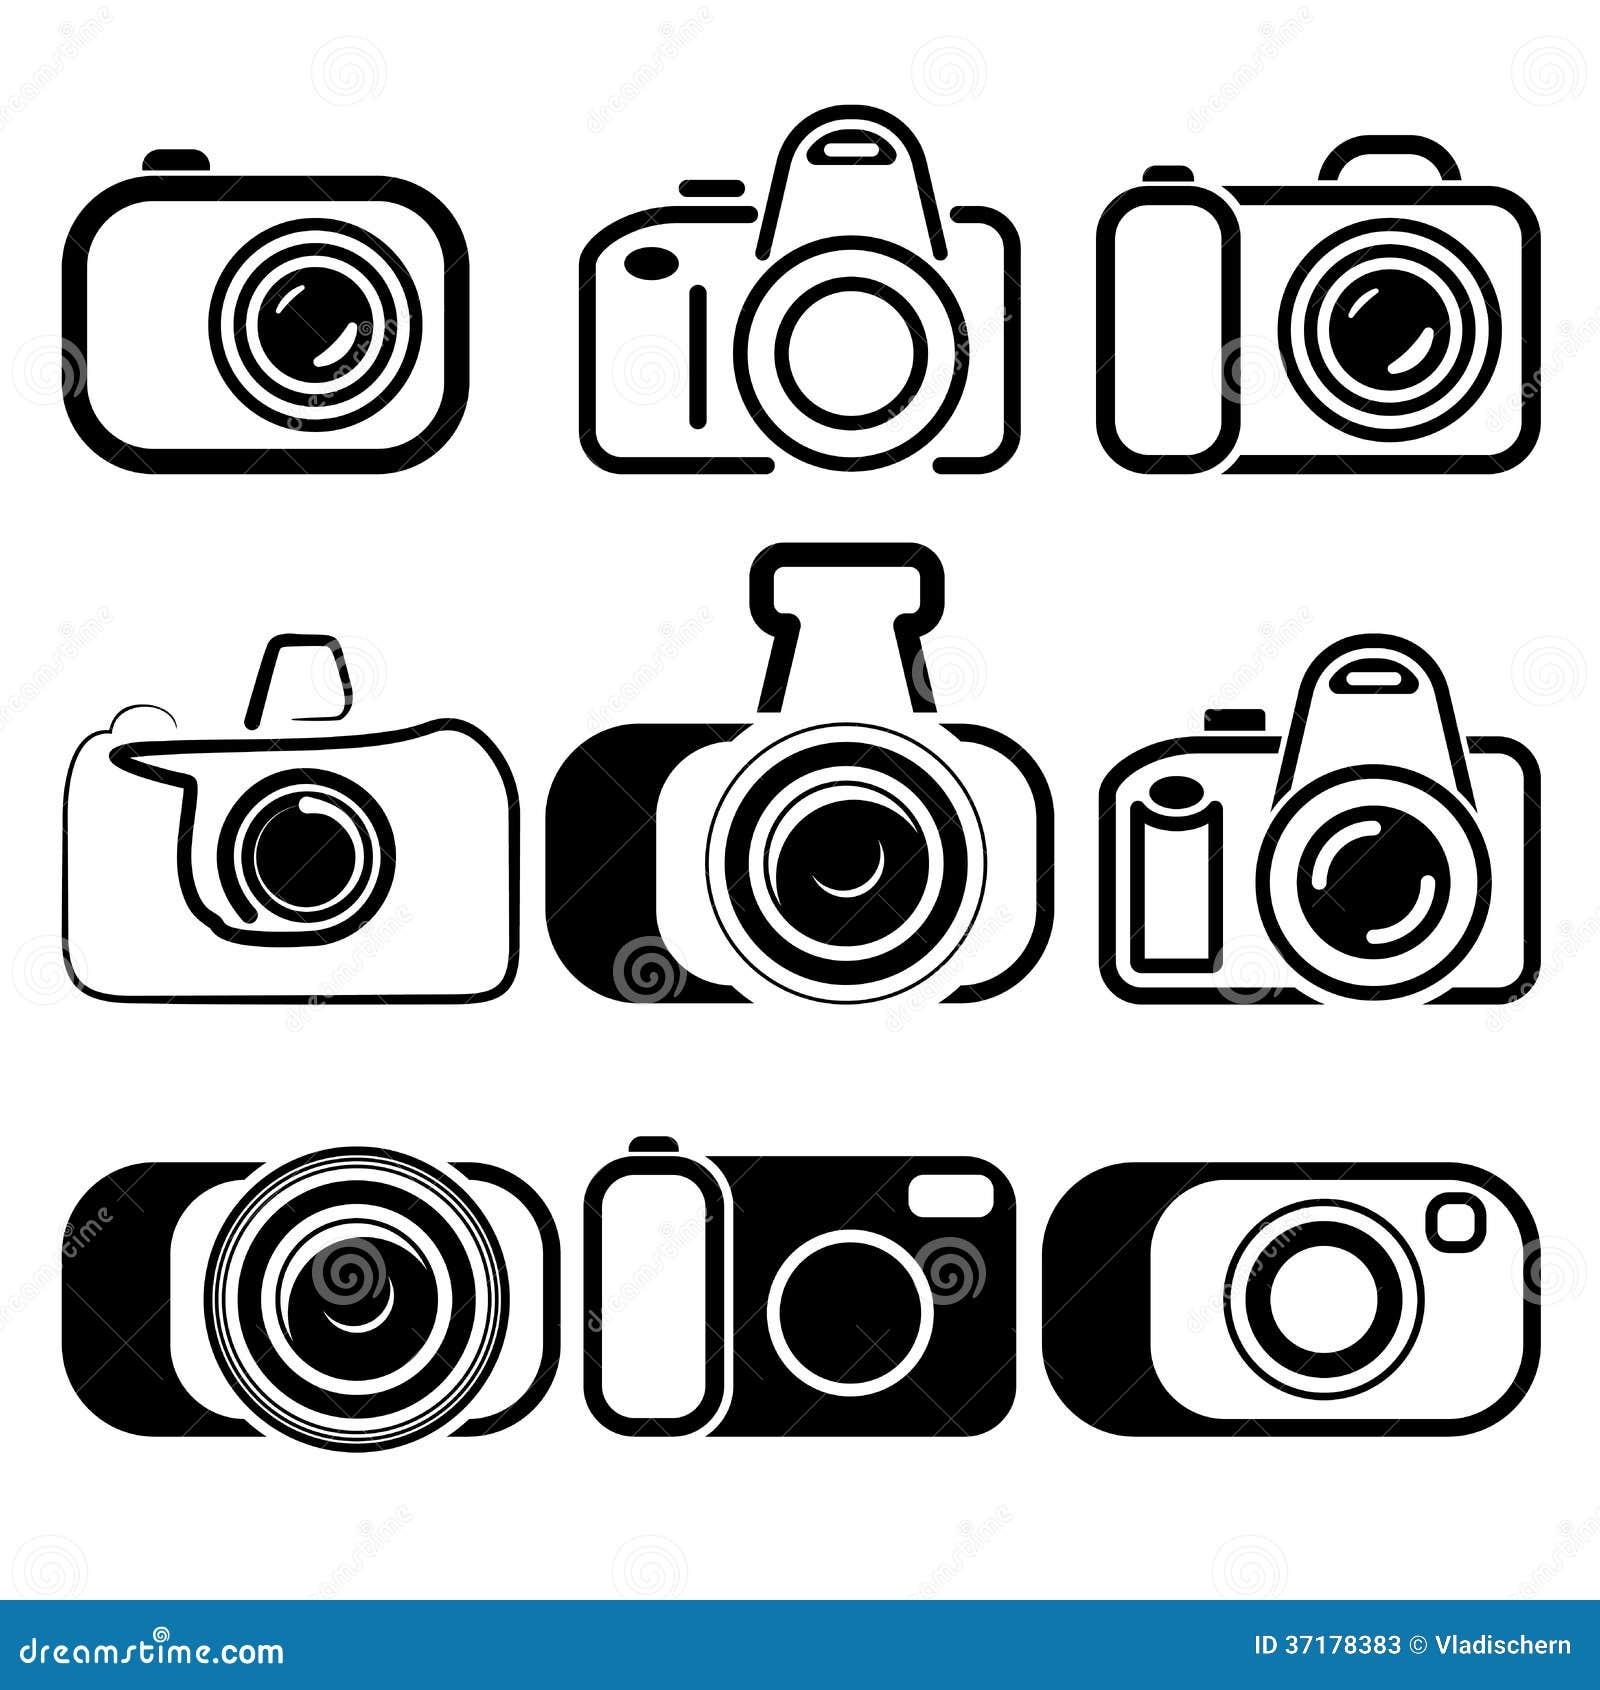 照相机集合符号例证.这是eps8格式文件.